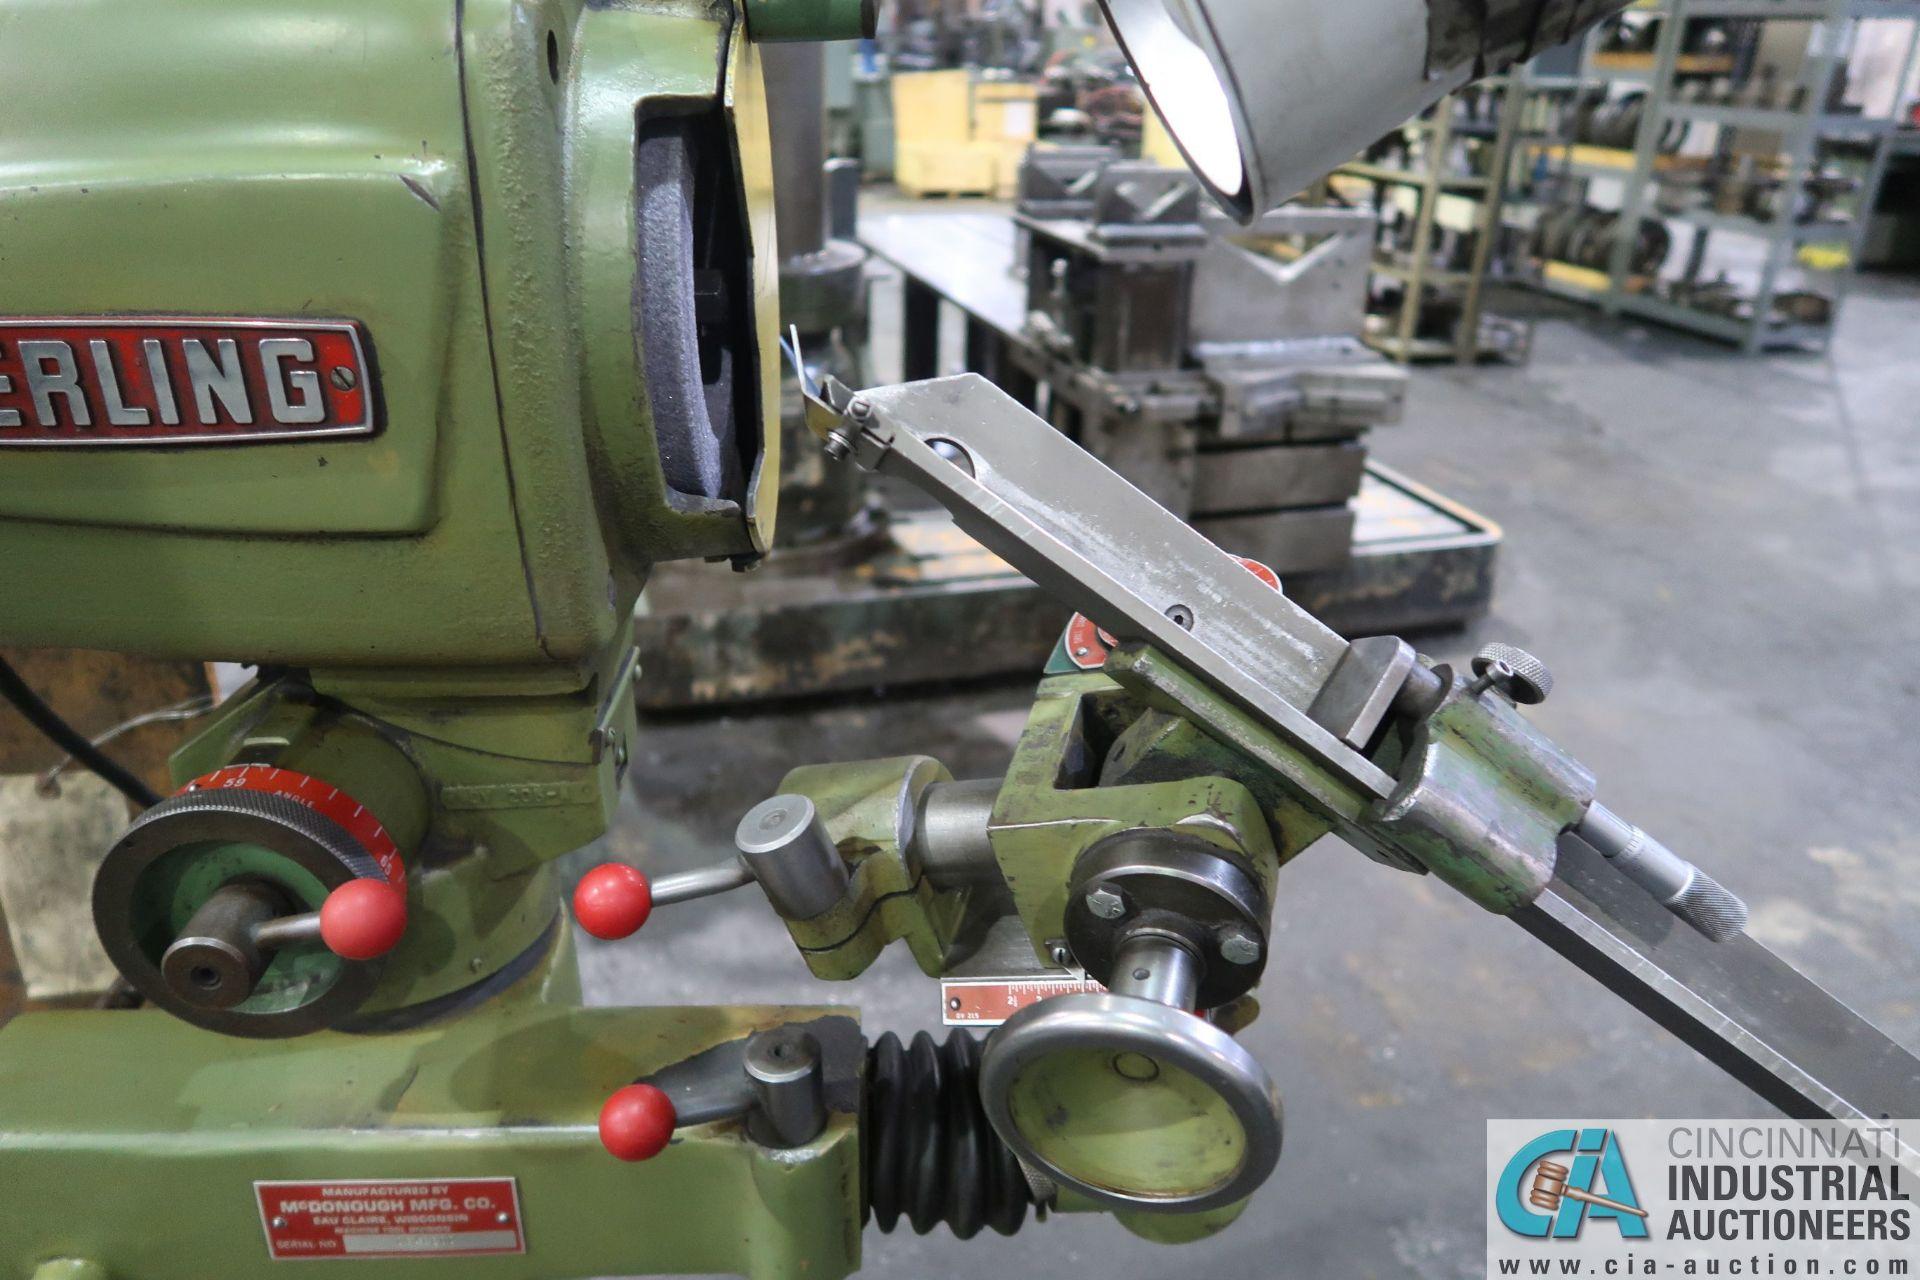 STERLING PEDESTAL DRILL SHARPENER; S/N DG40600 - Image 4 of 5